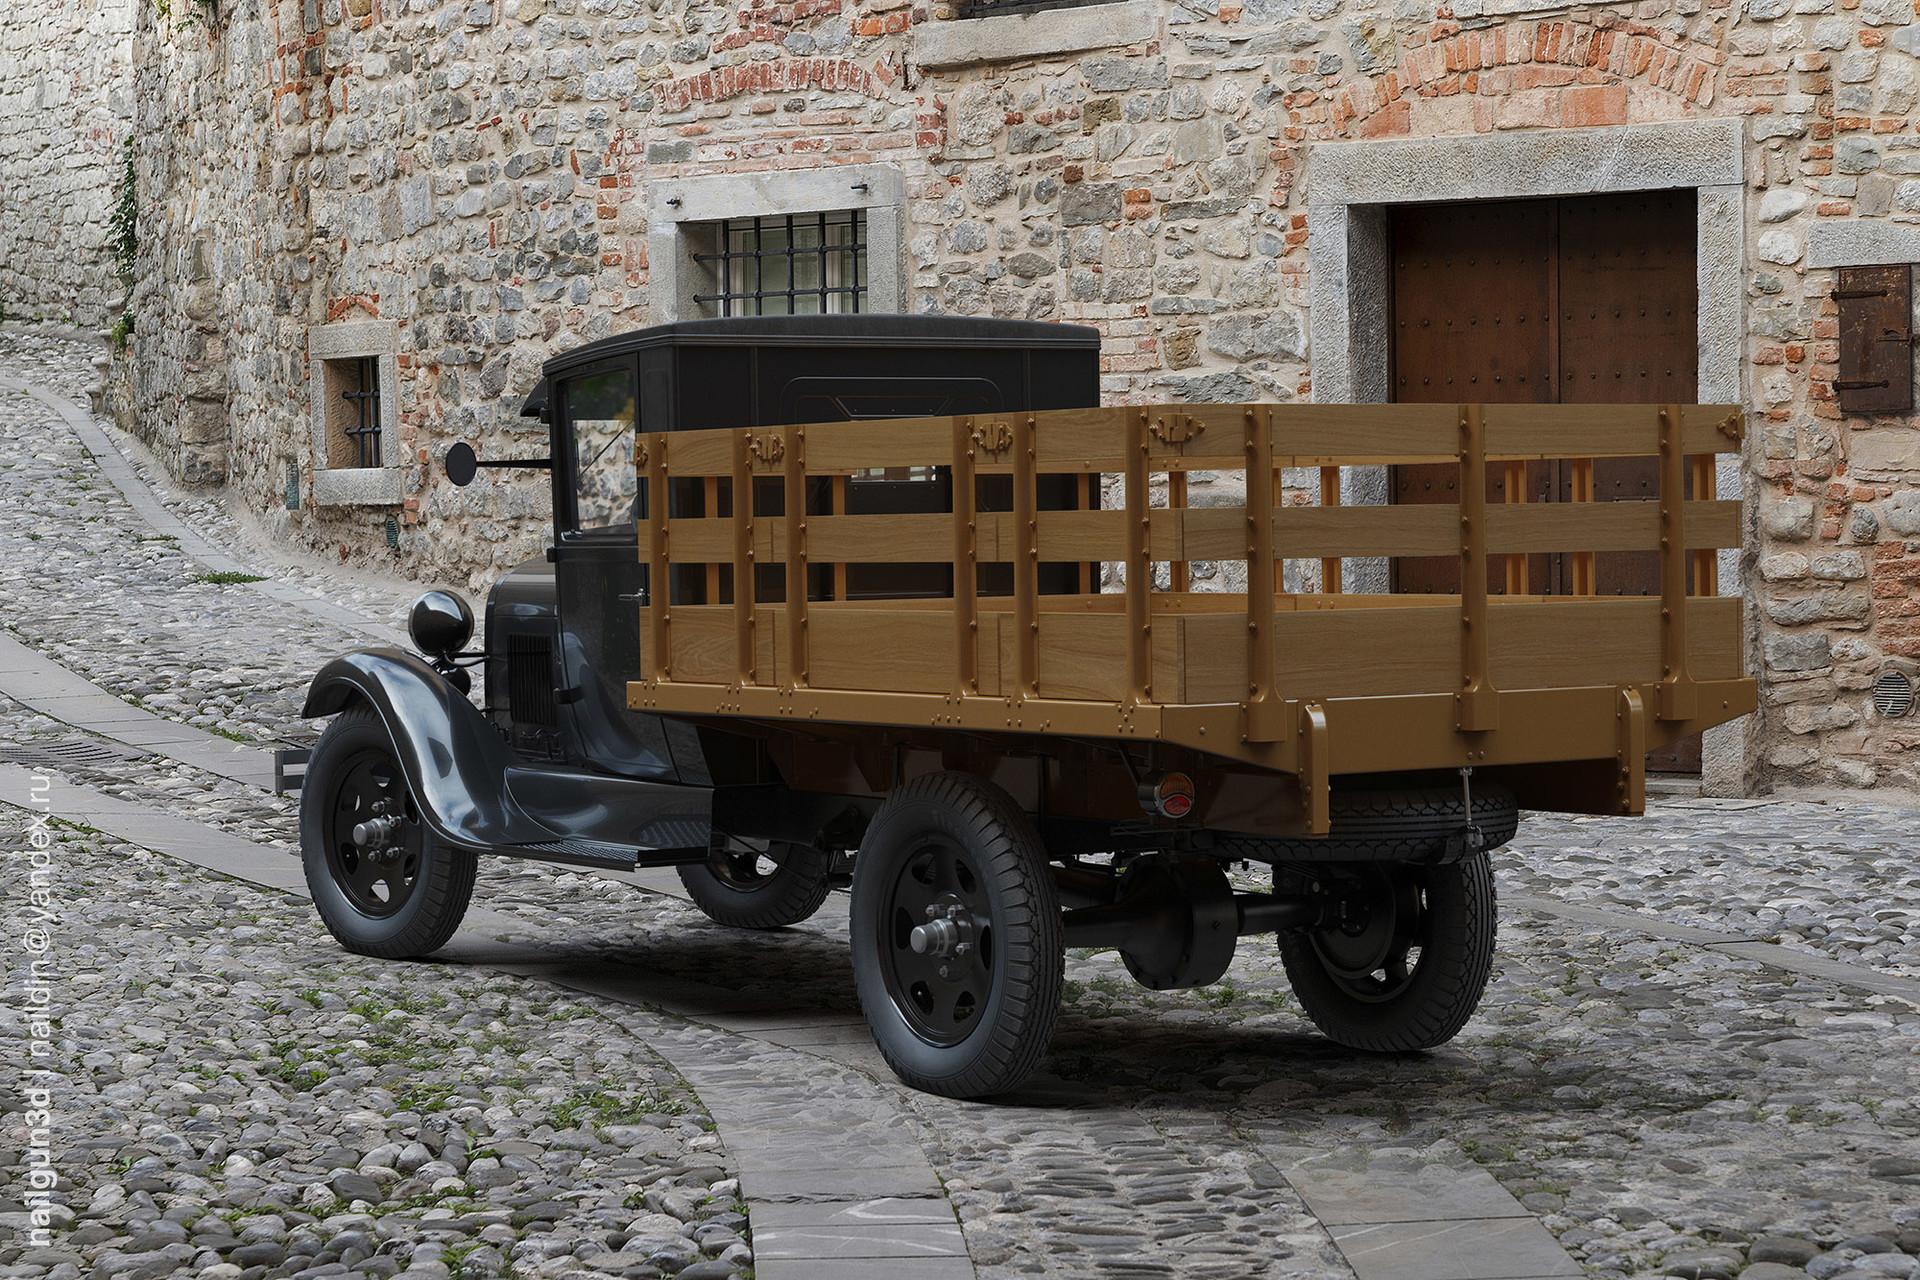 Nail khusnutdinov als 222 030 ford aa rear view 3x